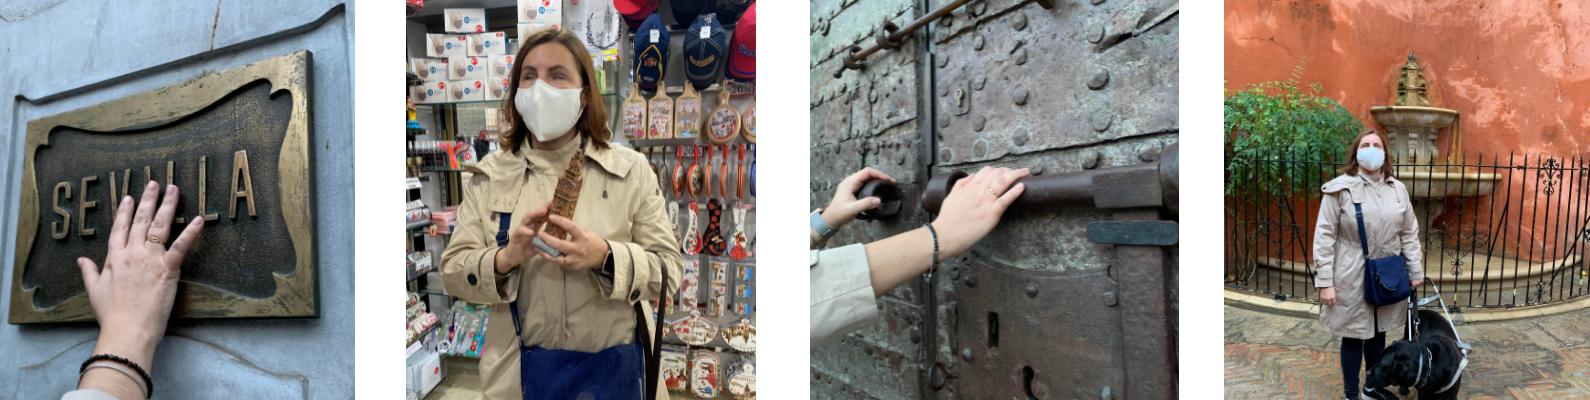 Chica ciega tocando varios objetos táctiles Correos de Sevilla, detalle de la puerta del Oro.